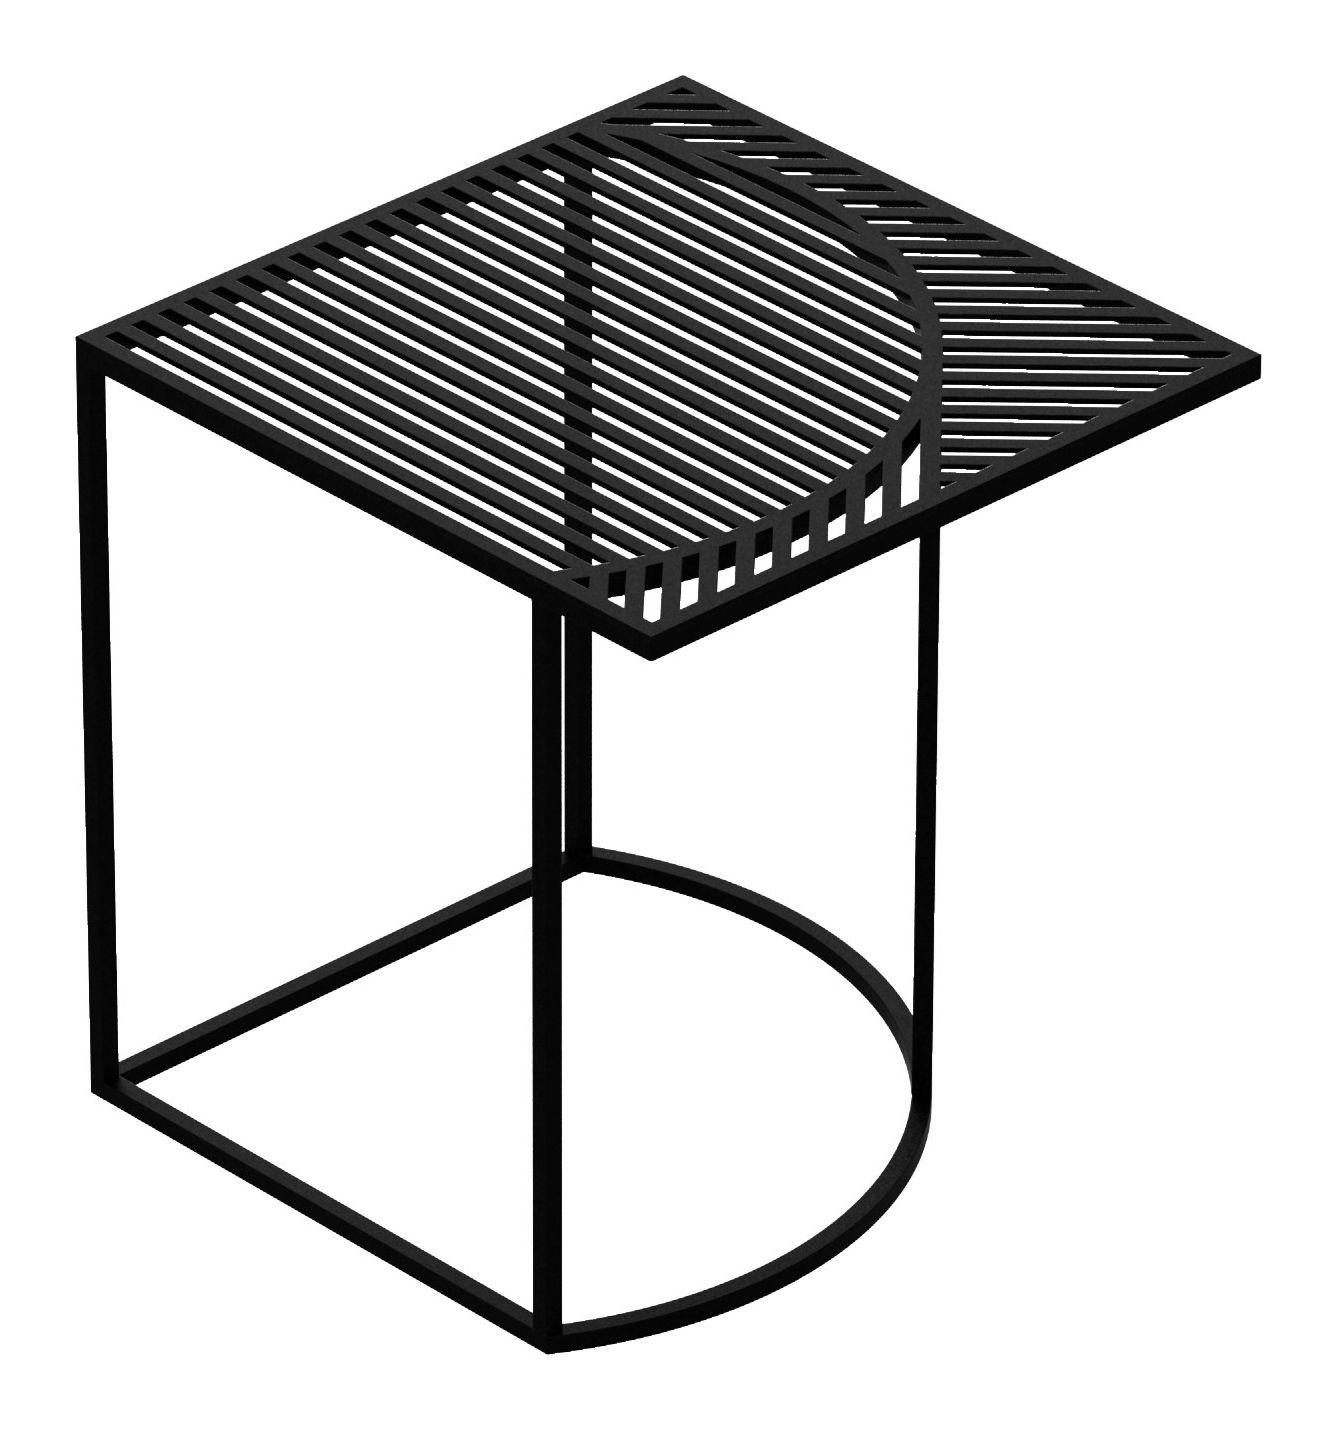 Mobilier - Tables basses - Table basse Iso-B / 46x46 x H 48 cm - Petite Friture - Noir - Acier thermolaqué